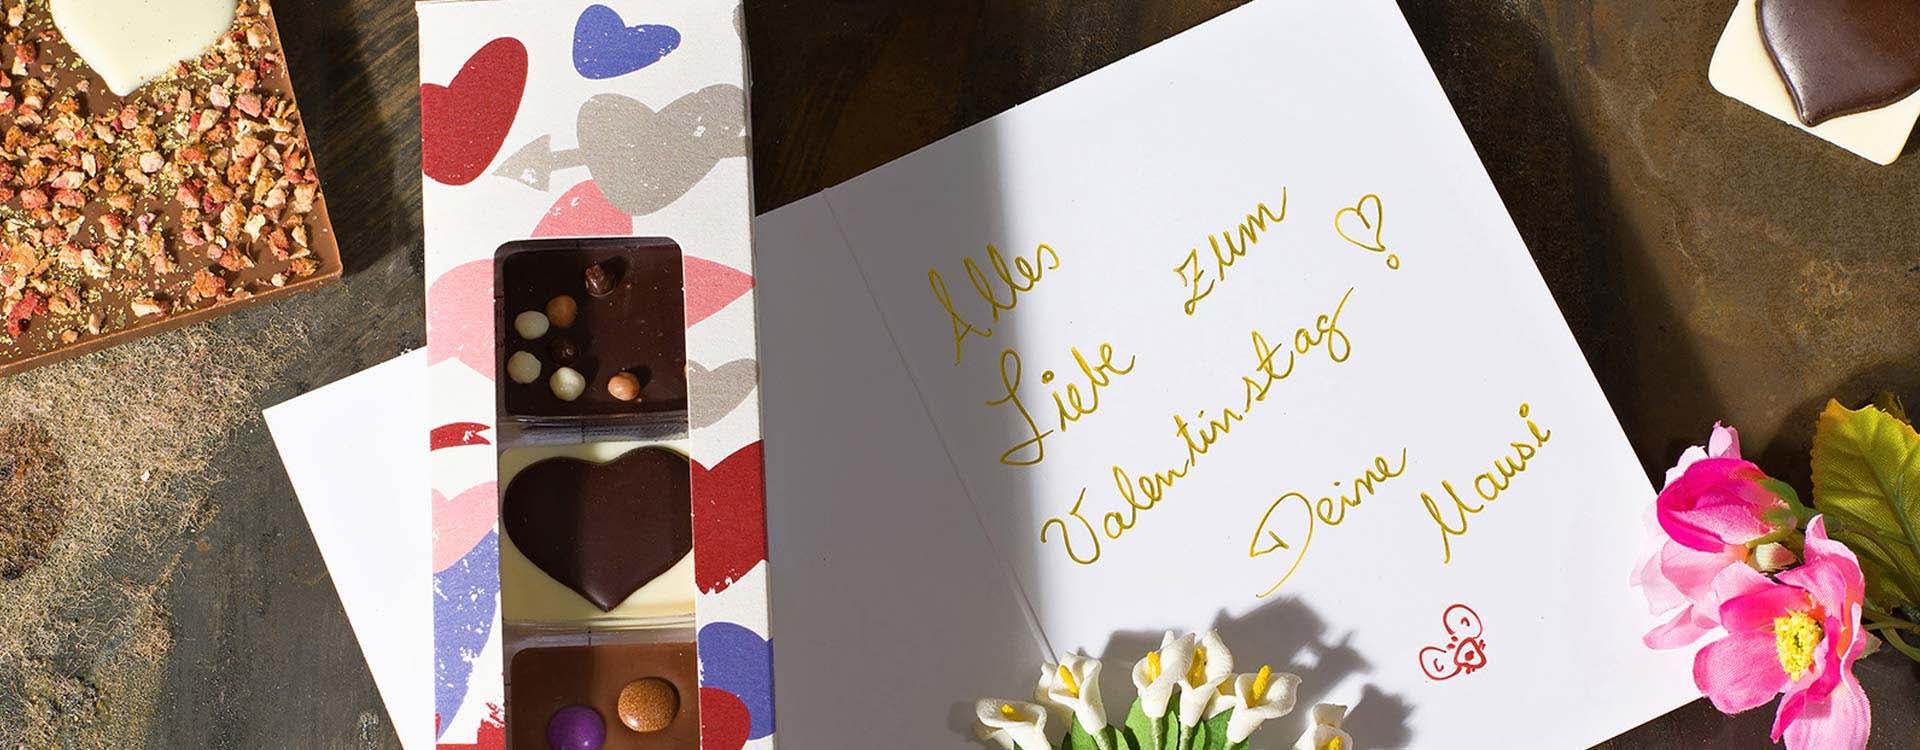 Sprüche, Grüße und Wünsche zum Valentinstag mit Grußkarten und Geschenken aus Schokolade für Dein Valentinchen